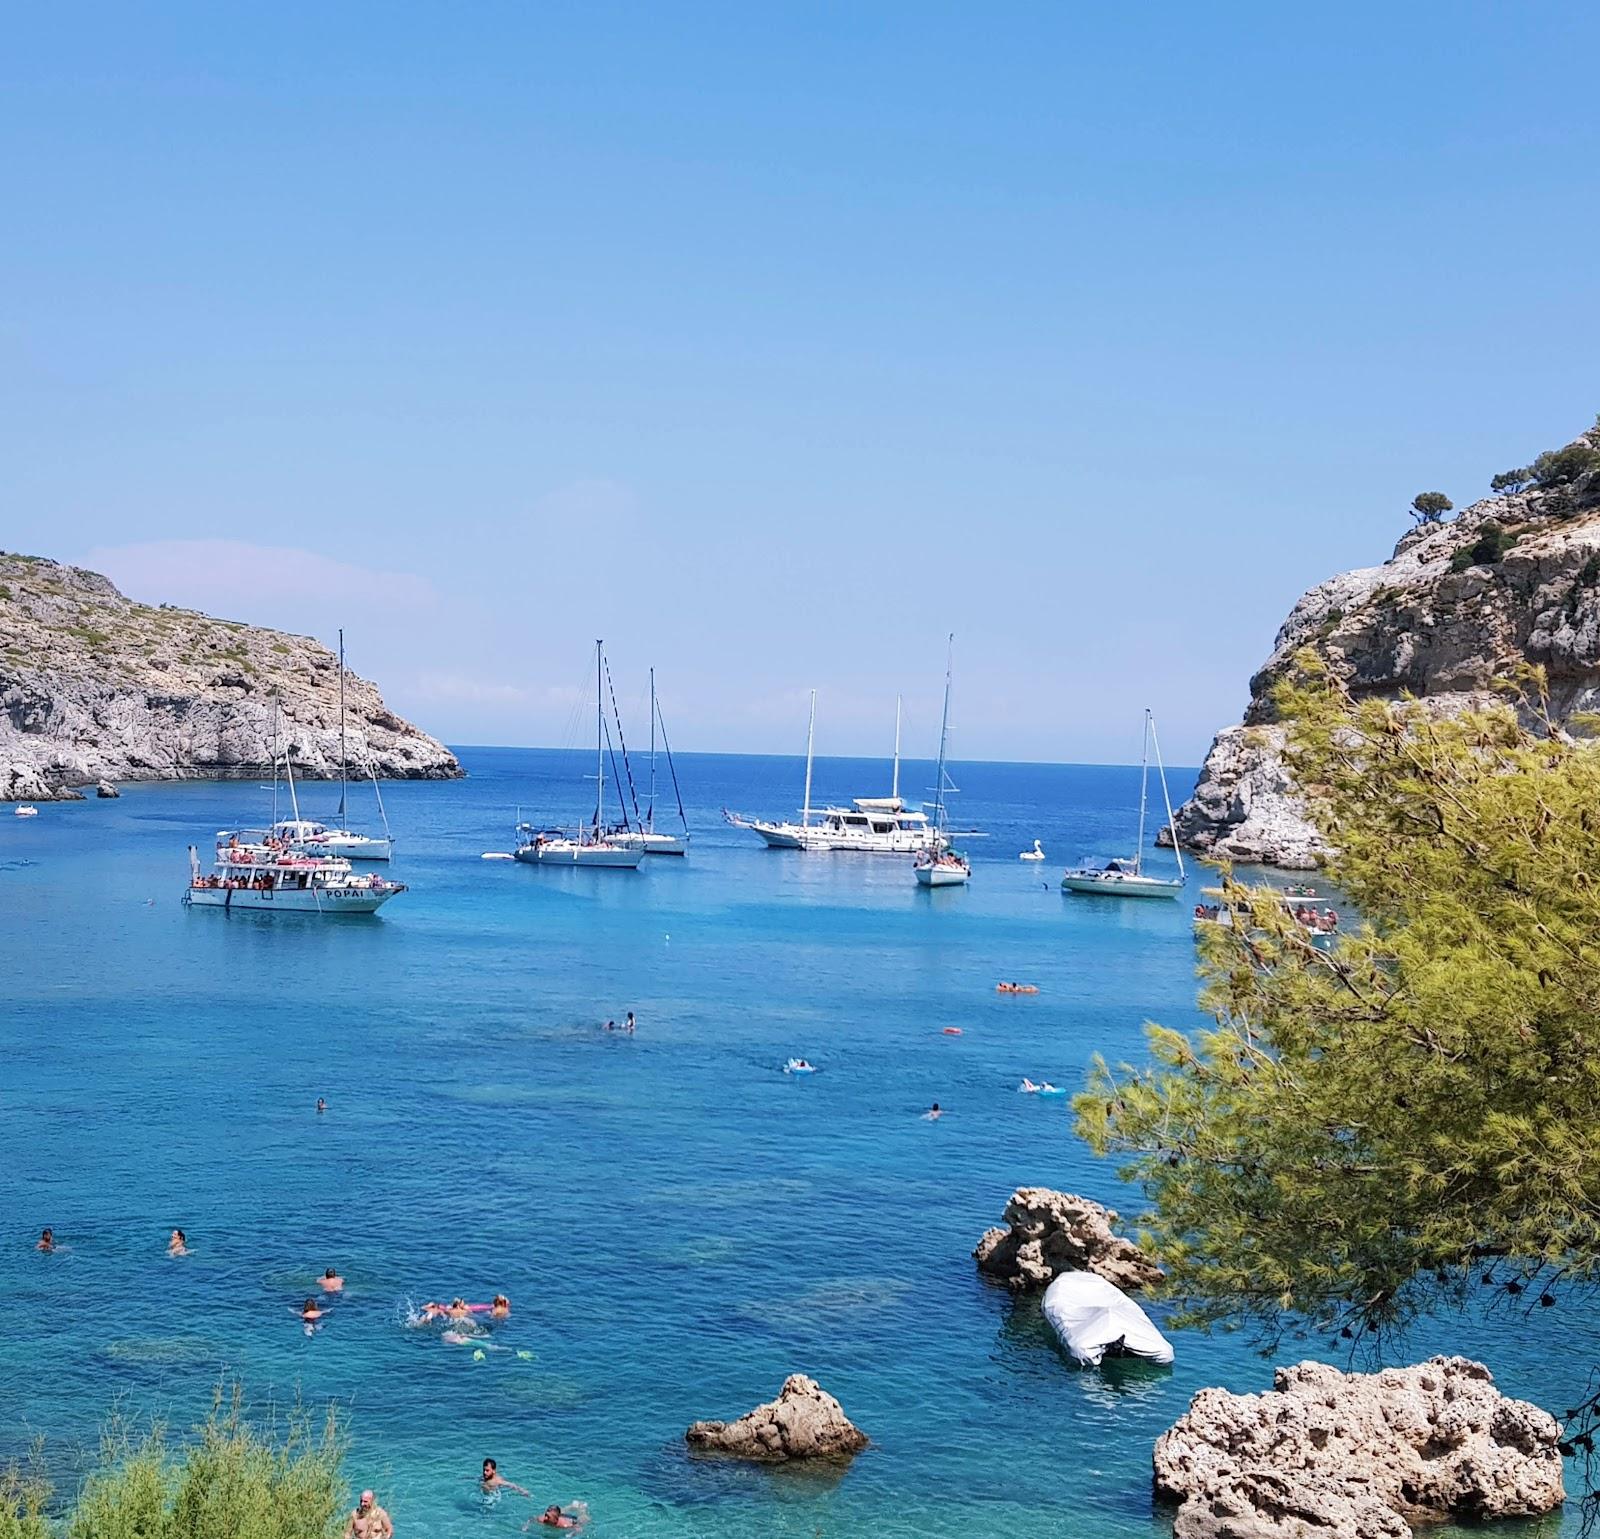 חופים אוכל המלצות לאן ללכת ברודוס יוון טיול חוף לחוף ביוון